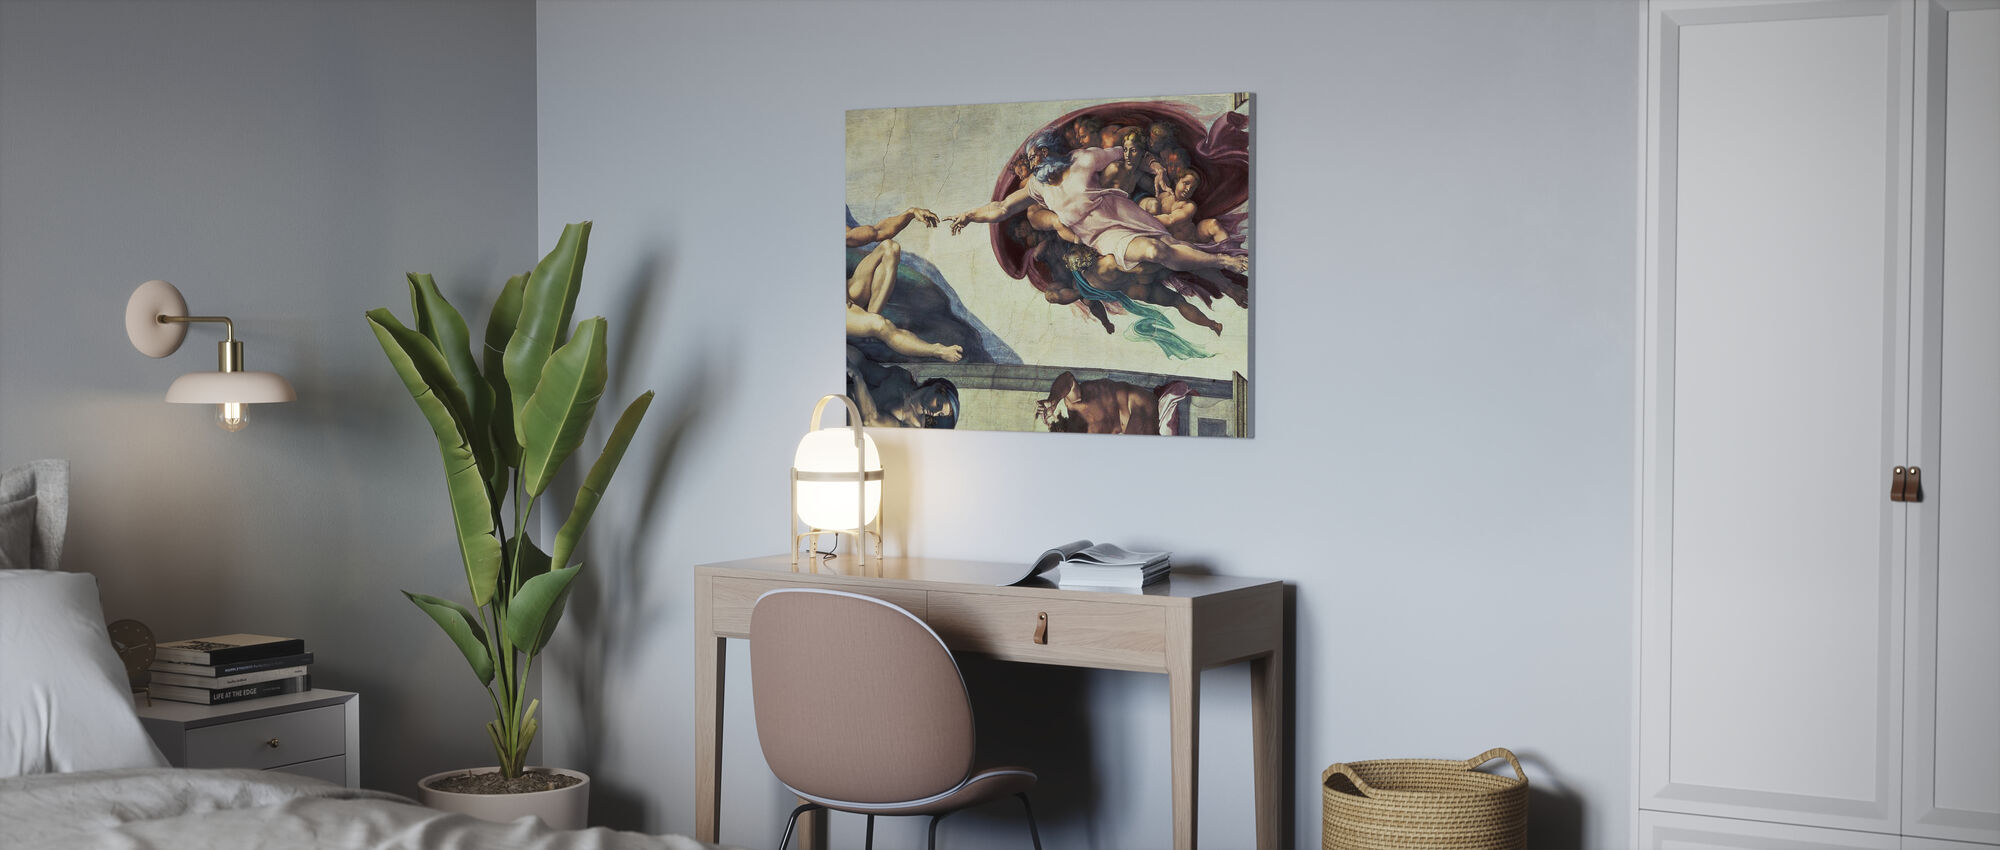 Création d'Adam - Michelangelo Buonarroti - Impression sur toile - Bureau